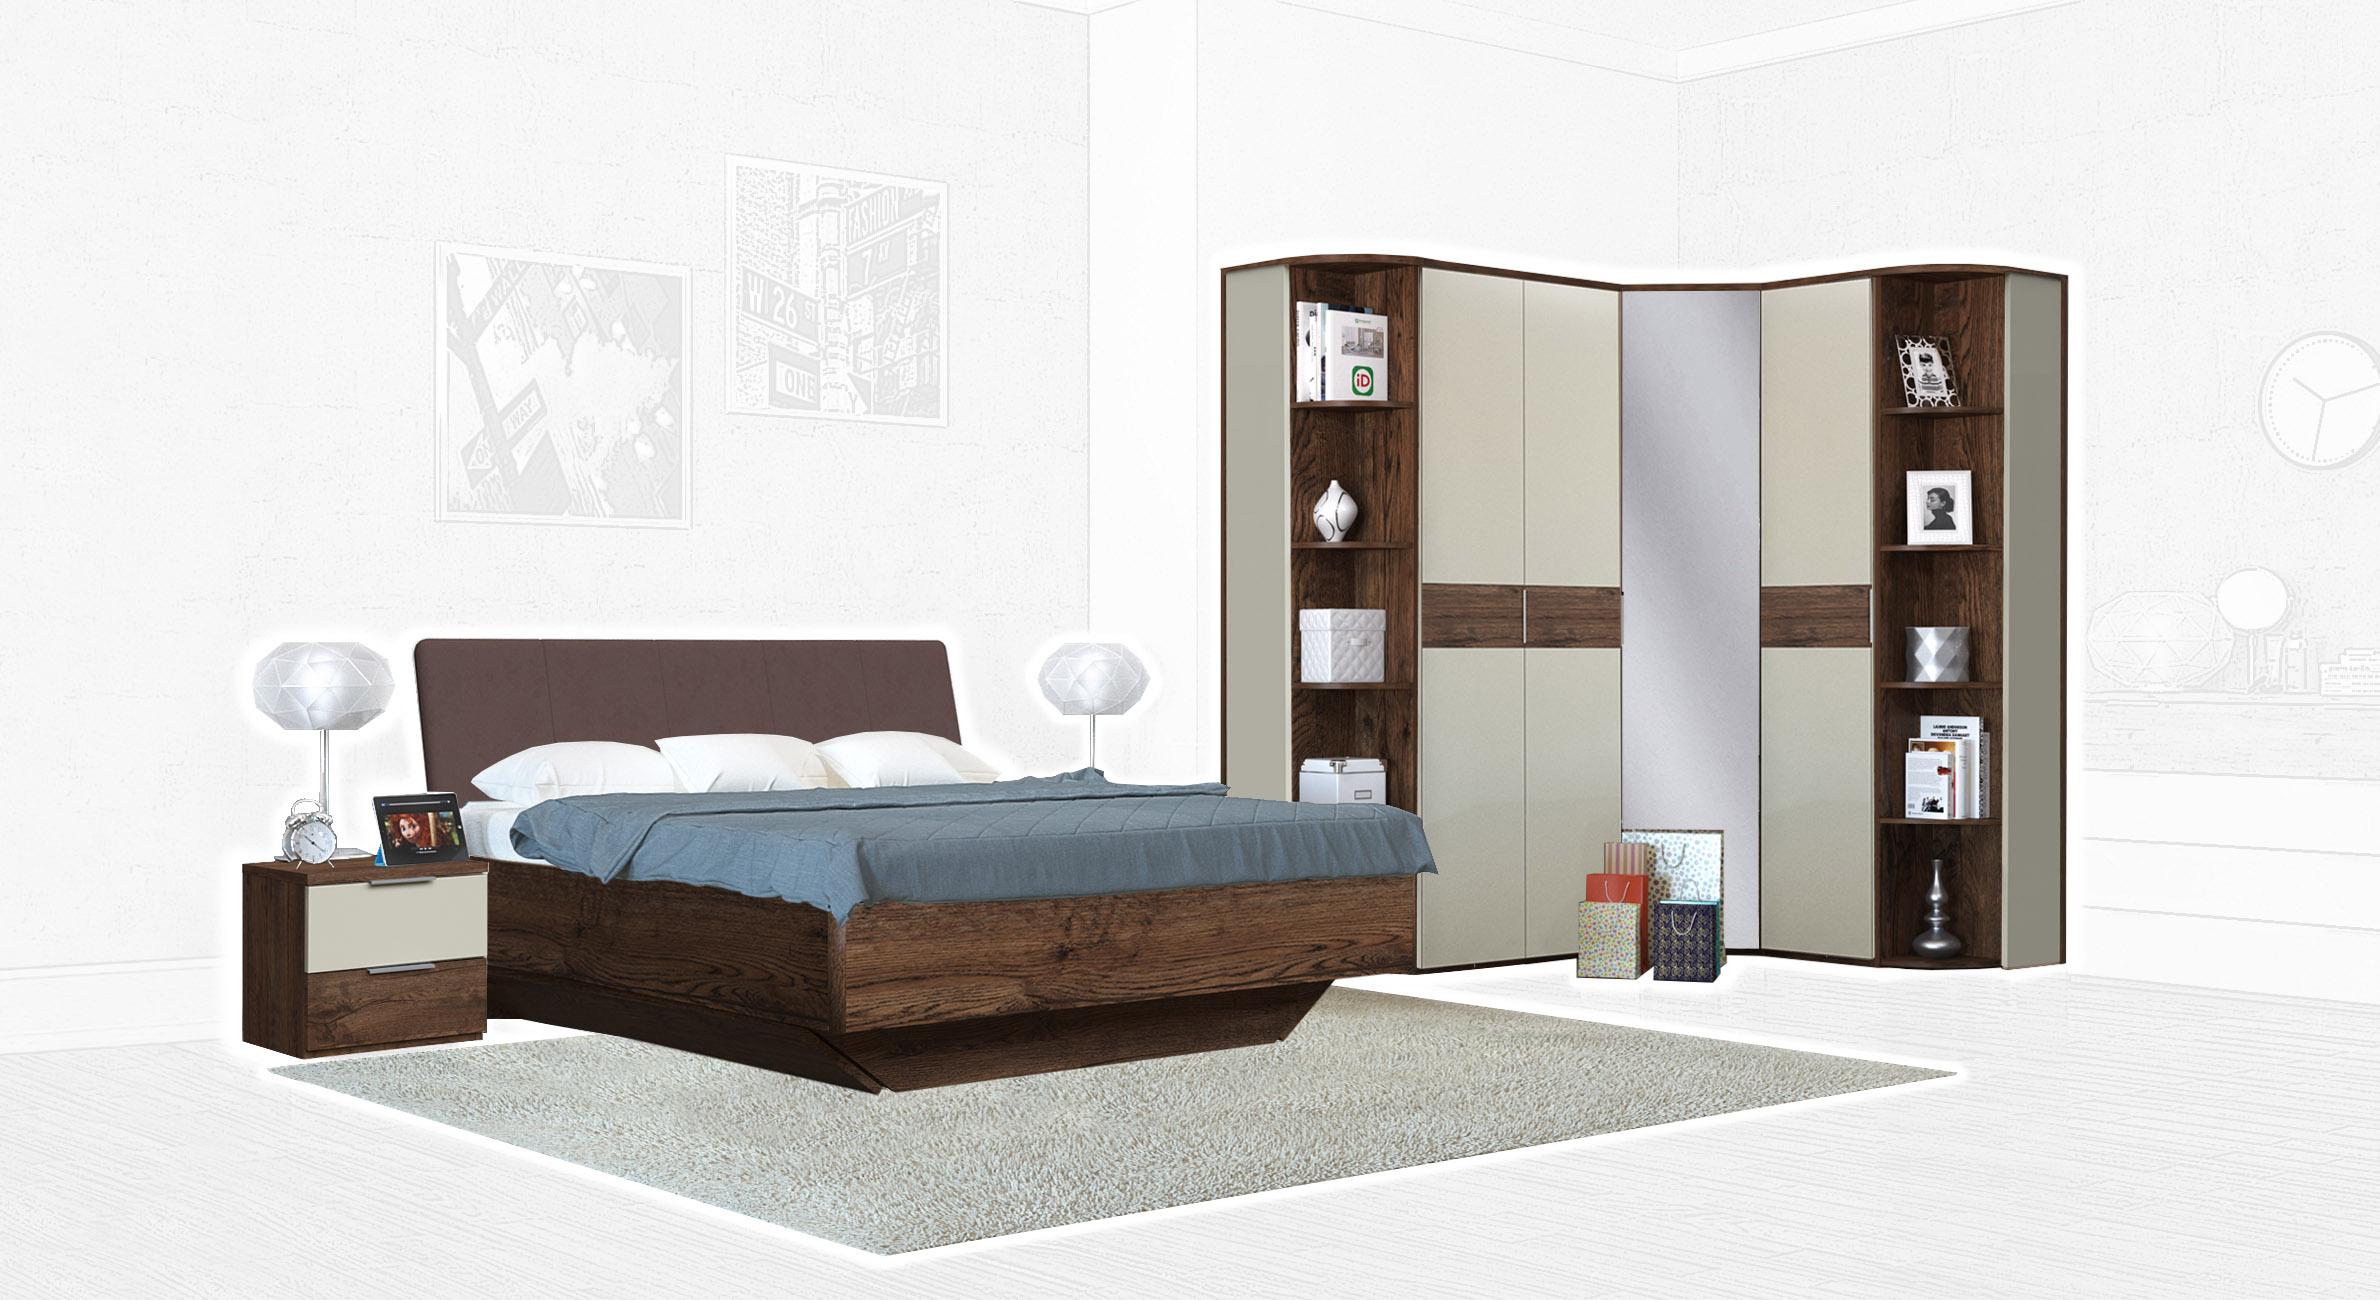 Спальня Интердизайн Тоскано темно-коричневый/бежевый (композиция 4)